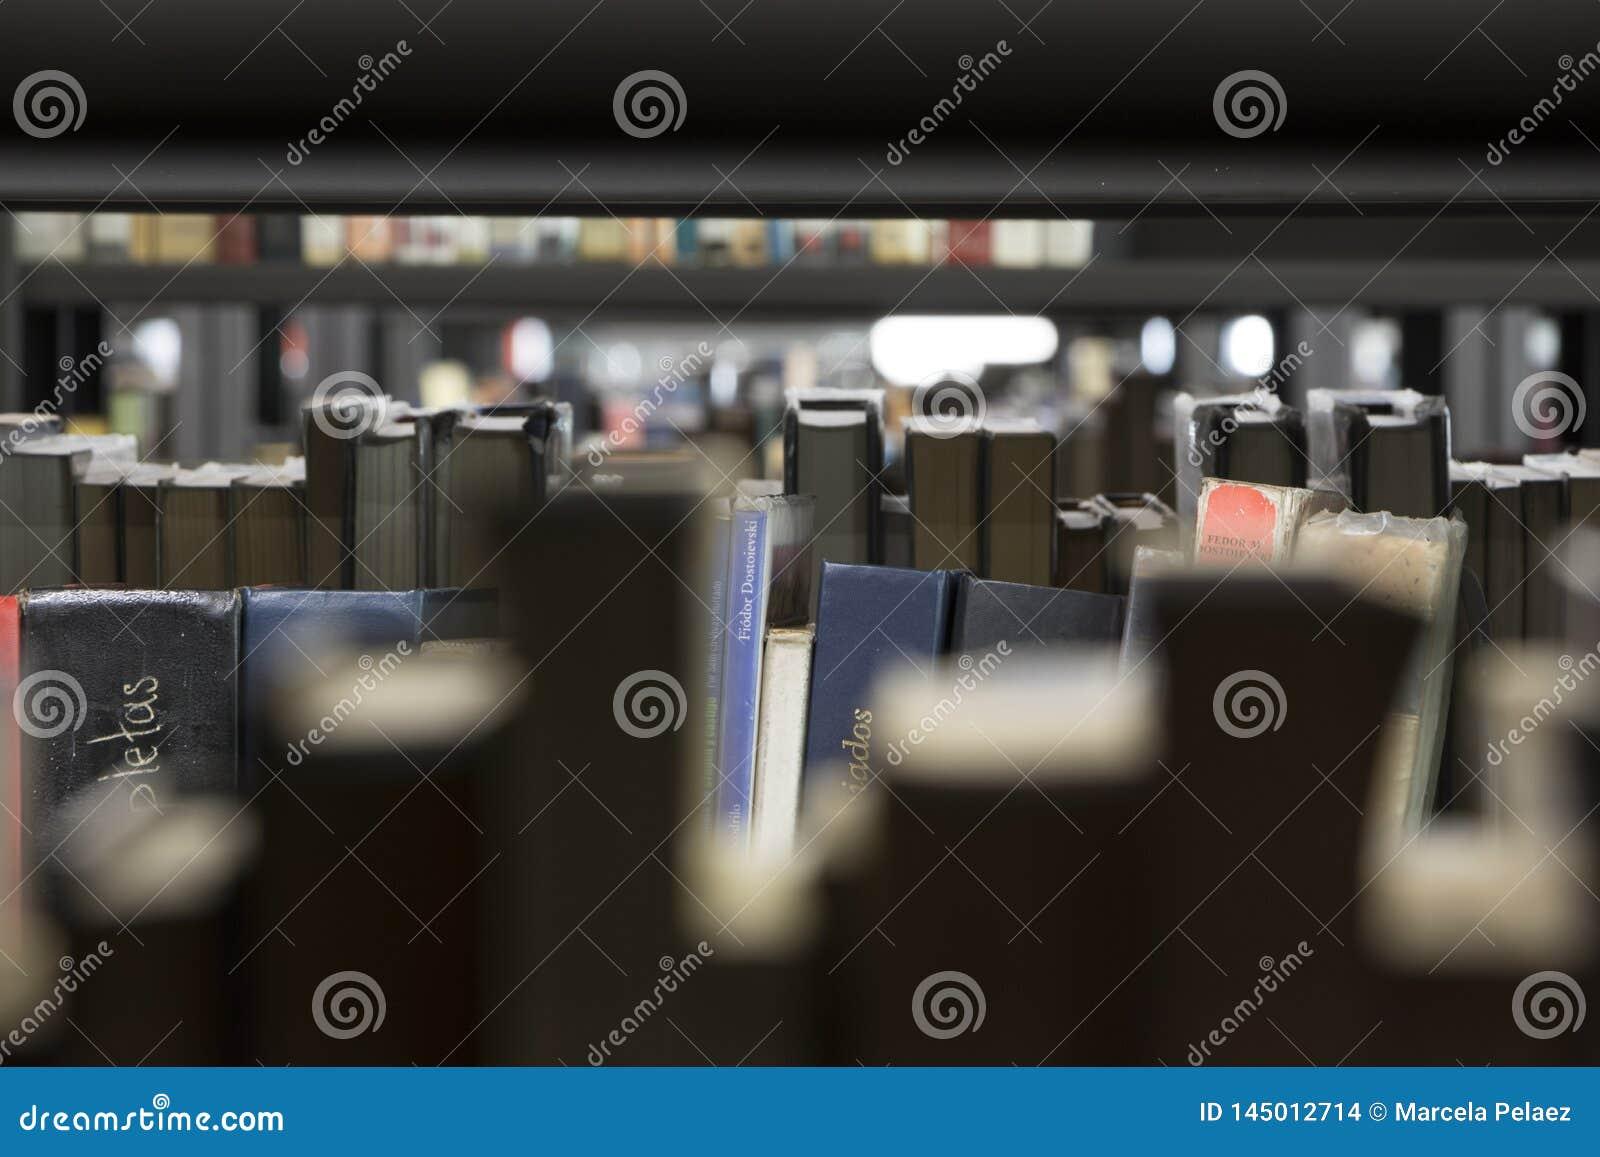 Biblioteca pubblica medellin biblioteca pública piloto giorno di apertura dicembre 2018